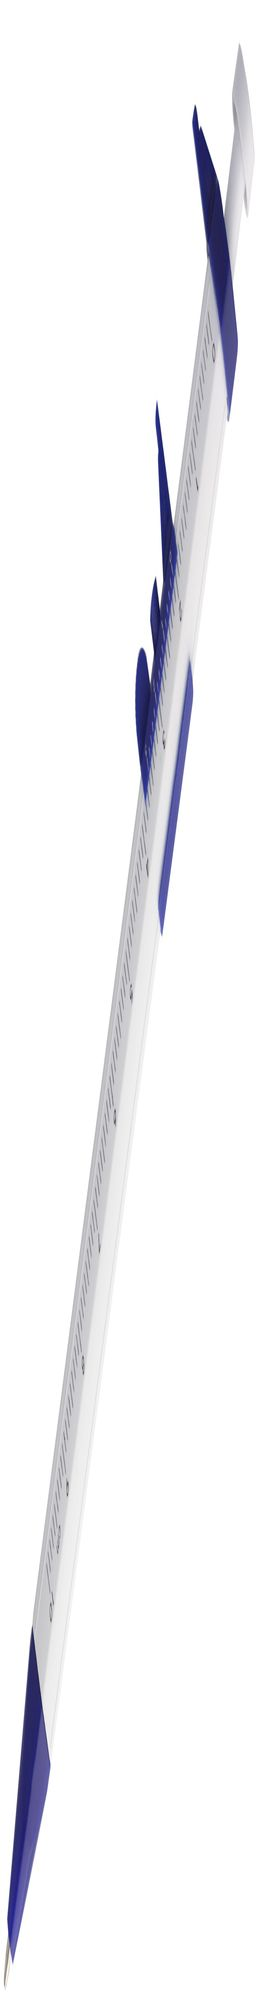 Ручка шариковая «Штангенциркуль», белая с синим фото